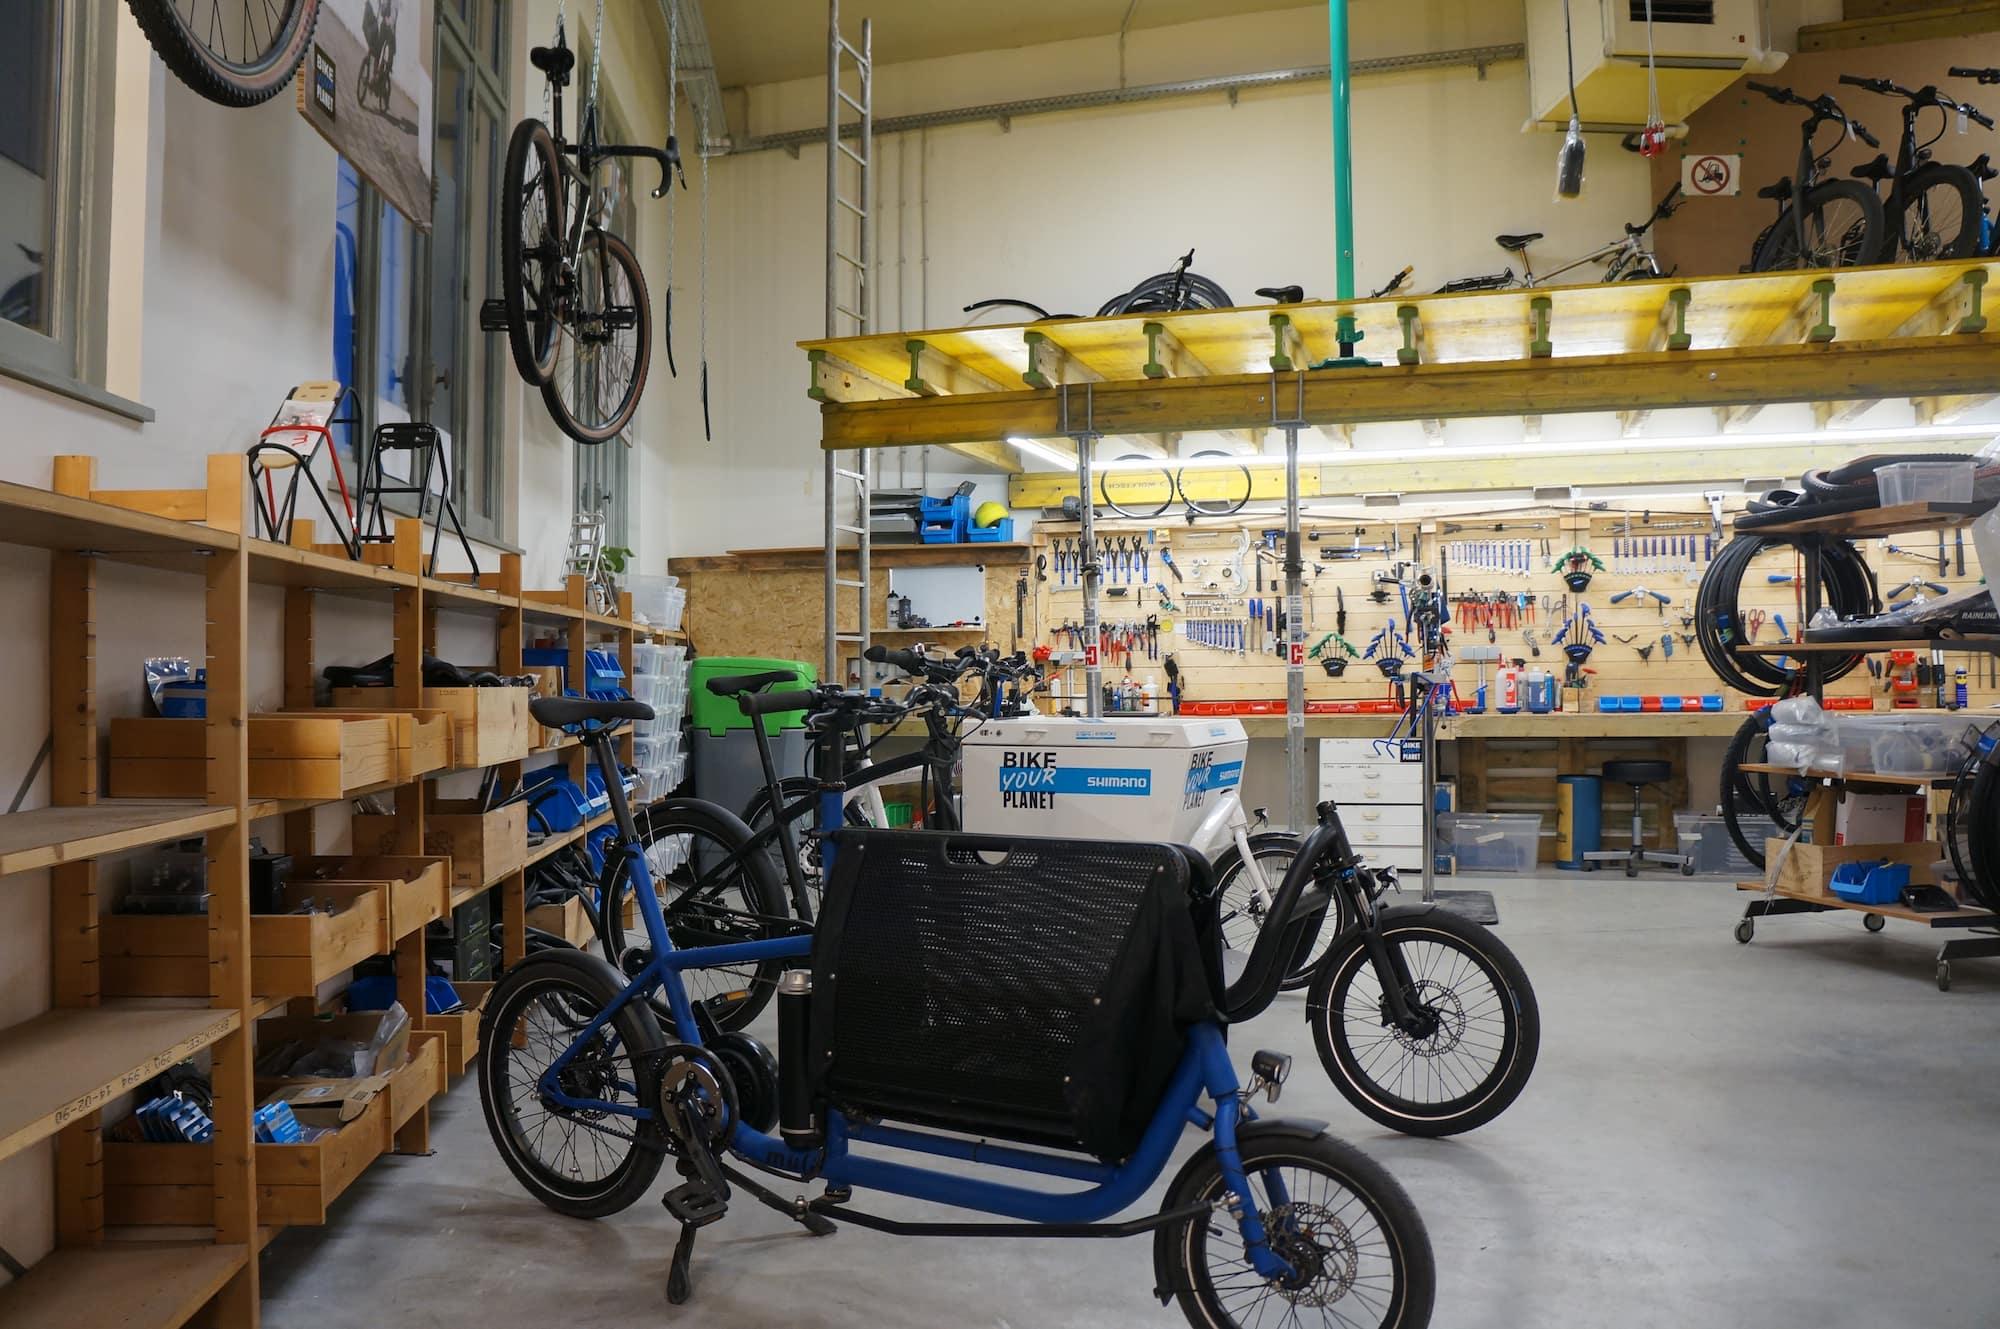 Bike Your Planet vélos cargo sur mesure pour tout projets ou entreprises